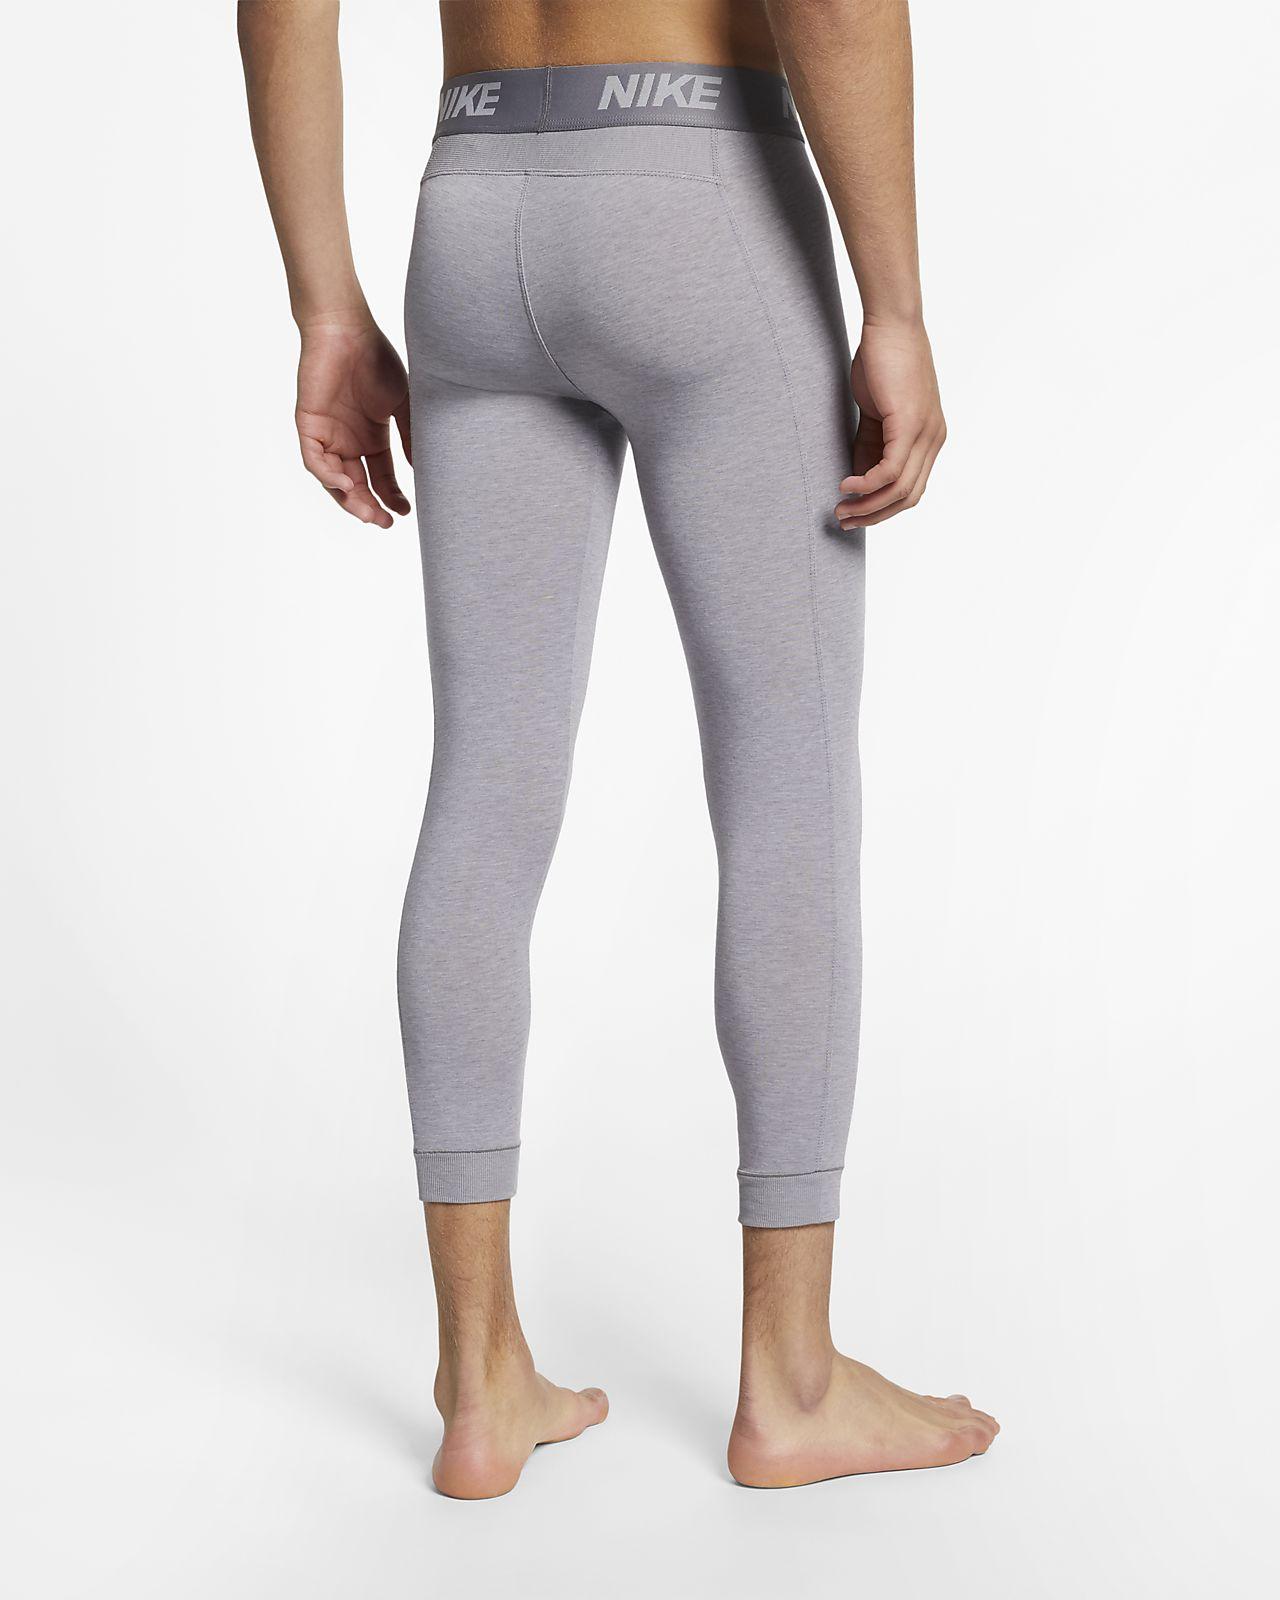 2b09ccd1de4f7 ... Mallas de entrenamiento de yoga de 3 4 de largo para hombre Nike Dri-